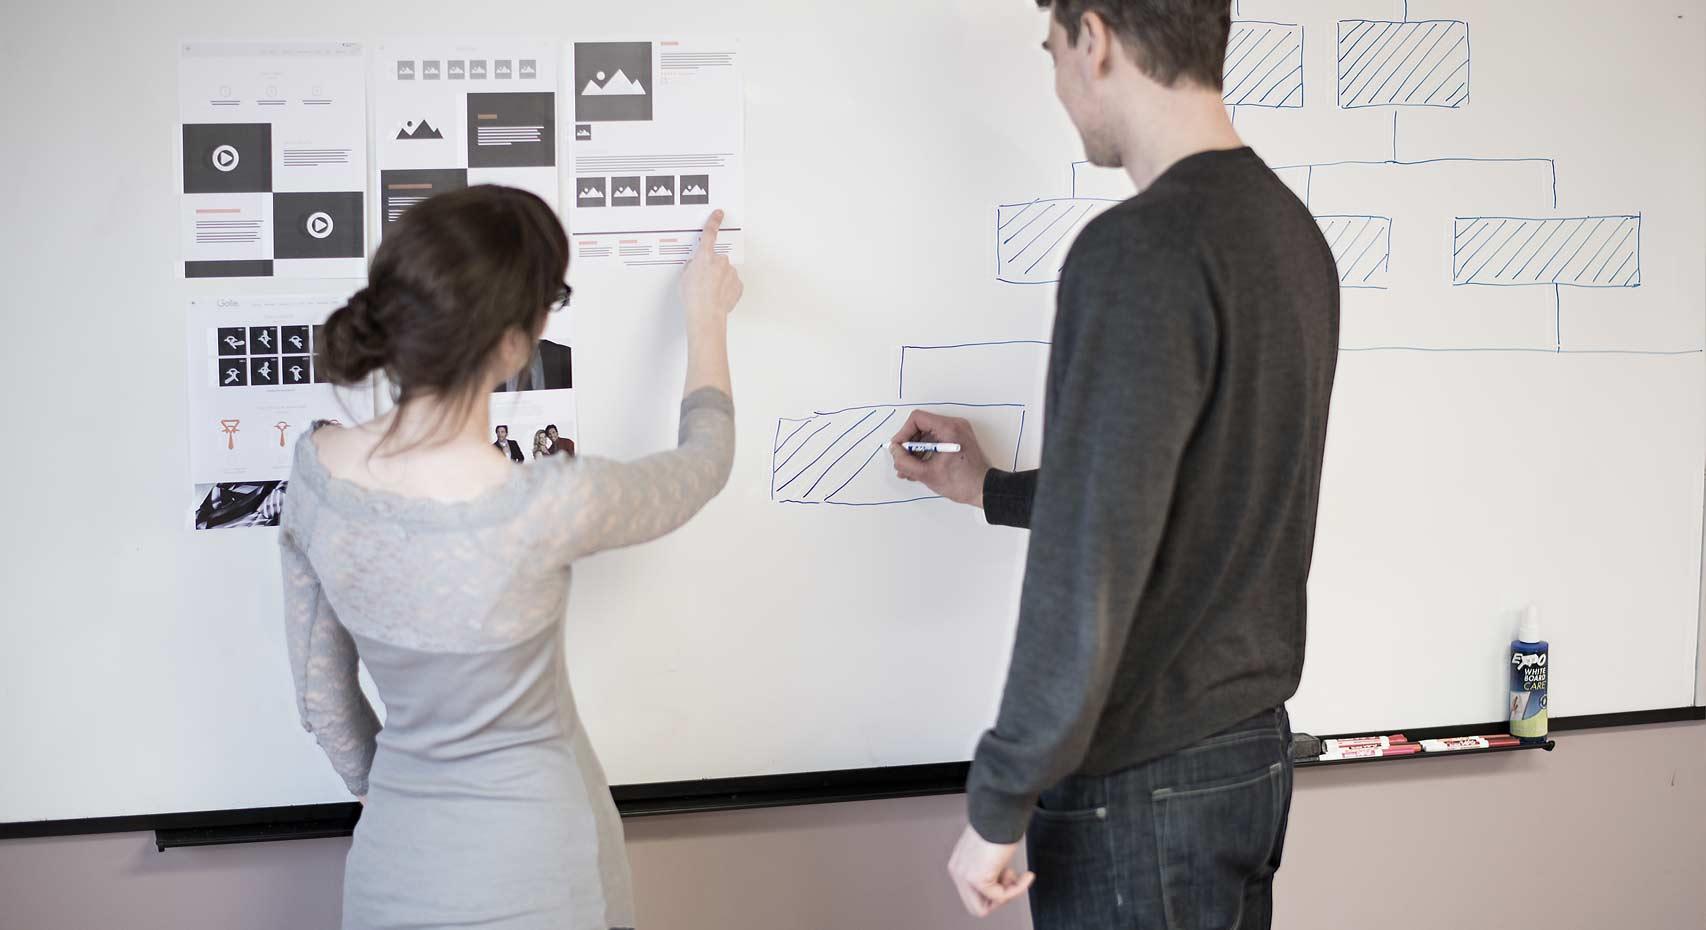 artversion creative agency chicago 响应式网站设计中创新是一个网站的灵魂